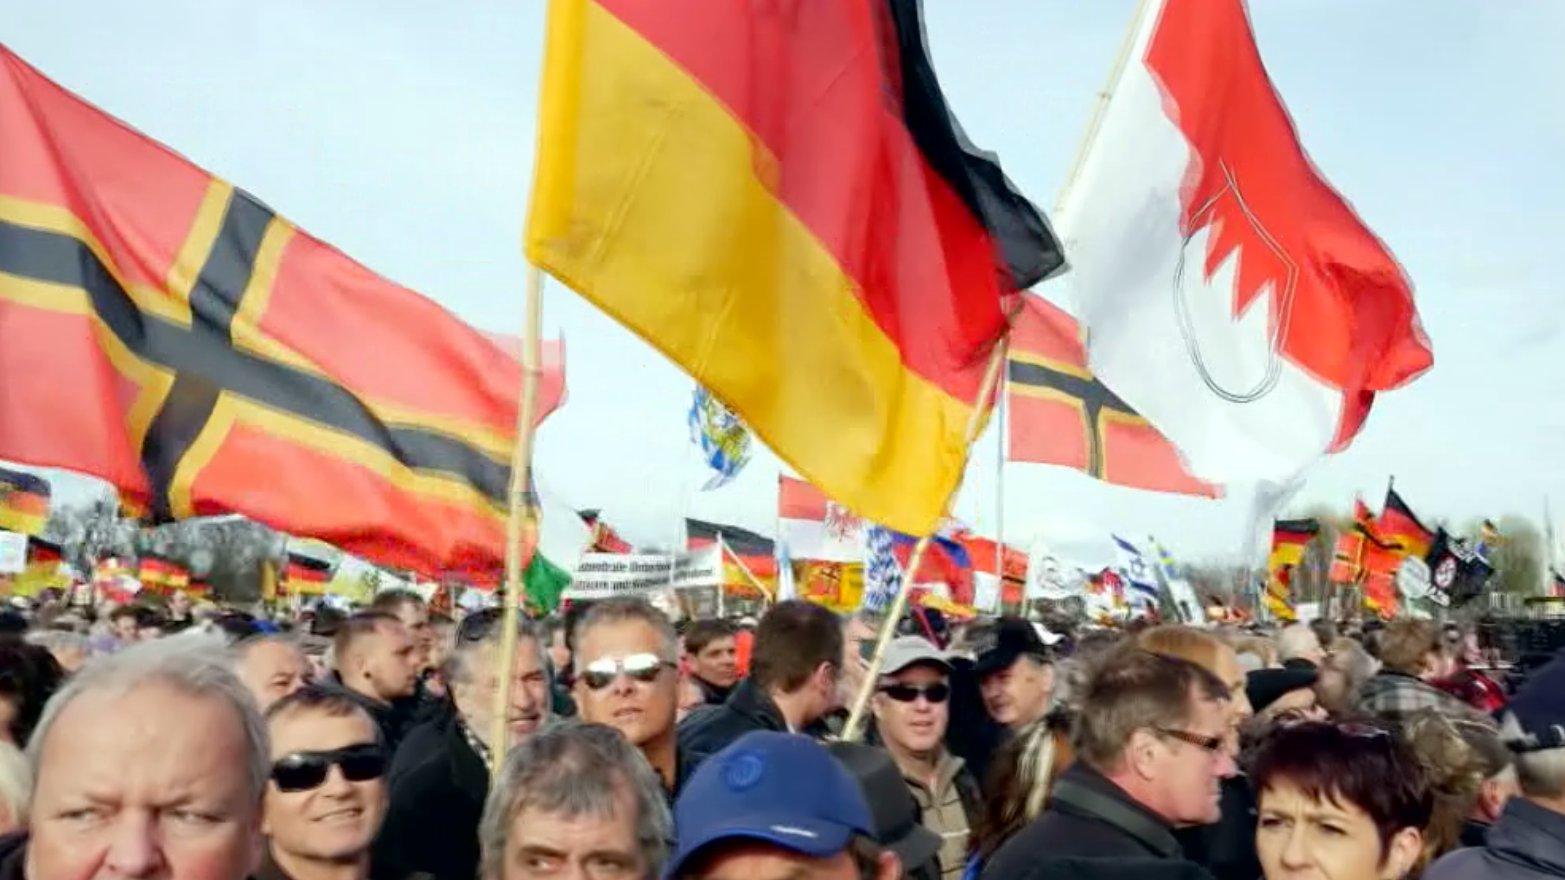 Flaggen auf einer rechten Demonstration, 2016.